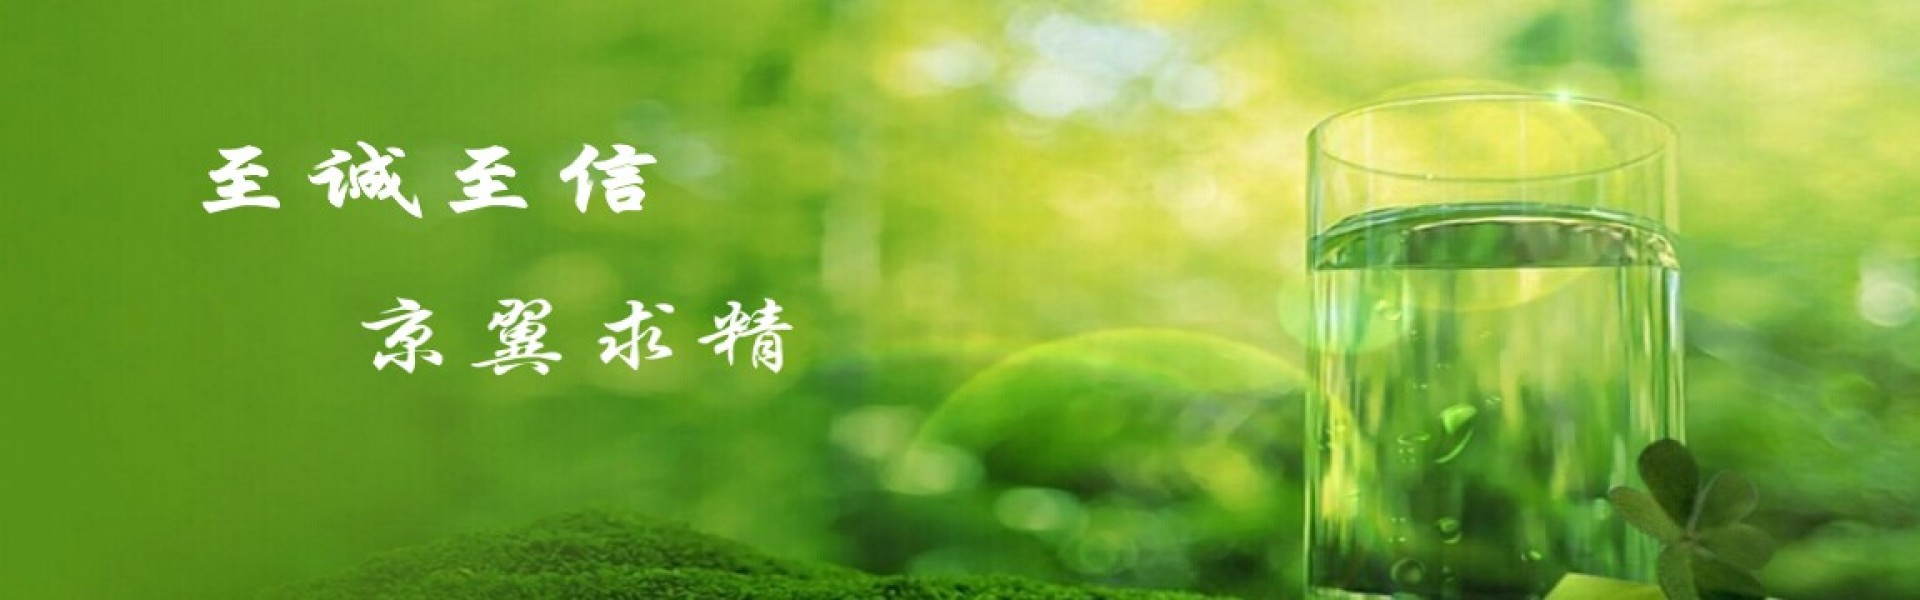 安徽京翼建筑工程检测有限公司网站首页大图之一